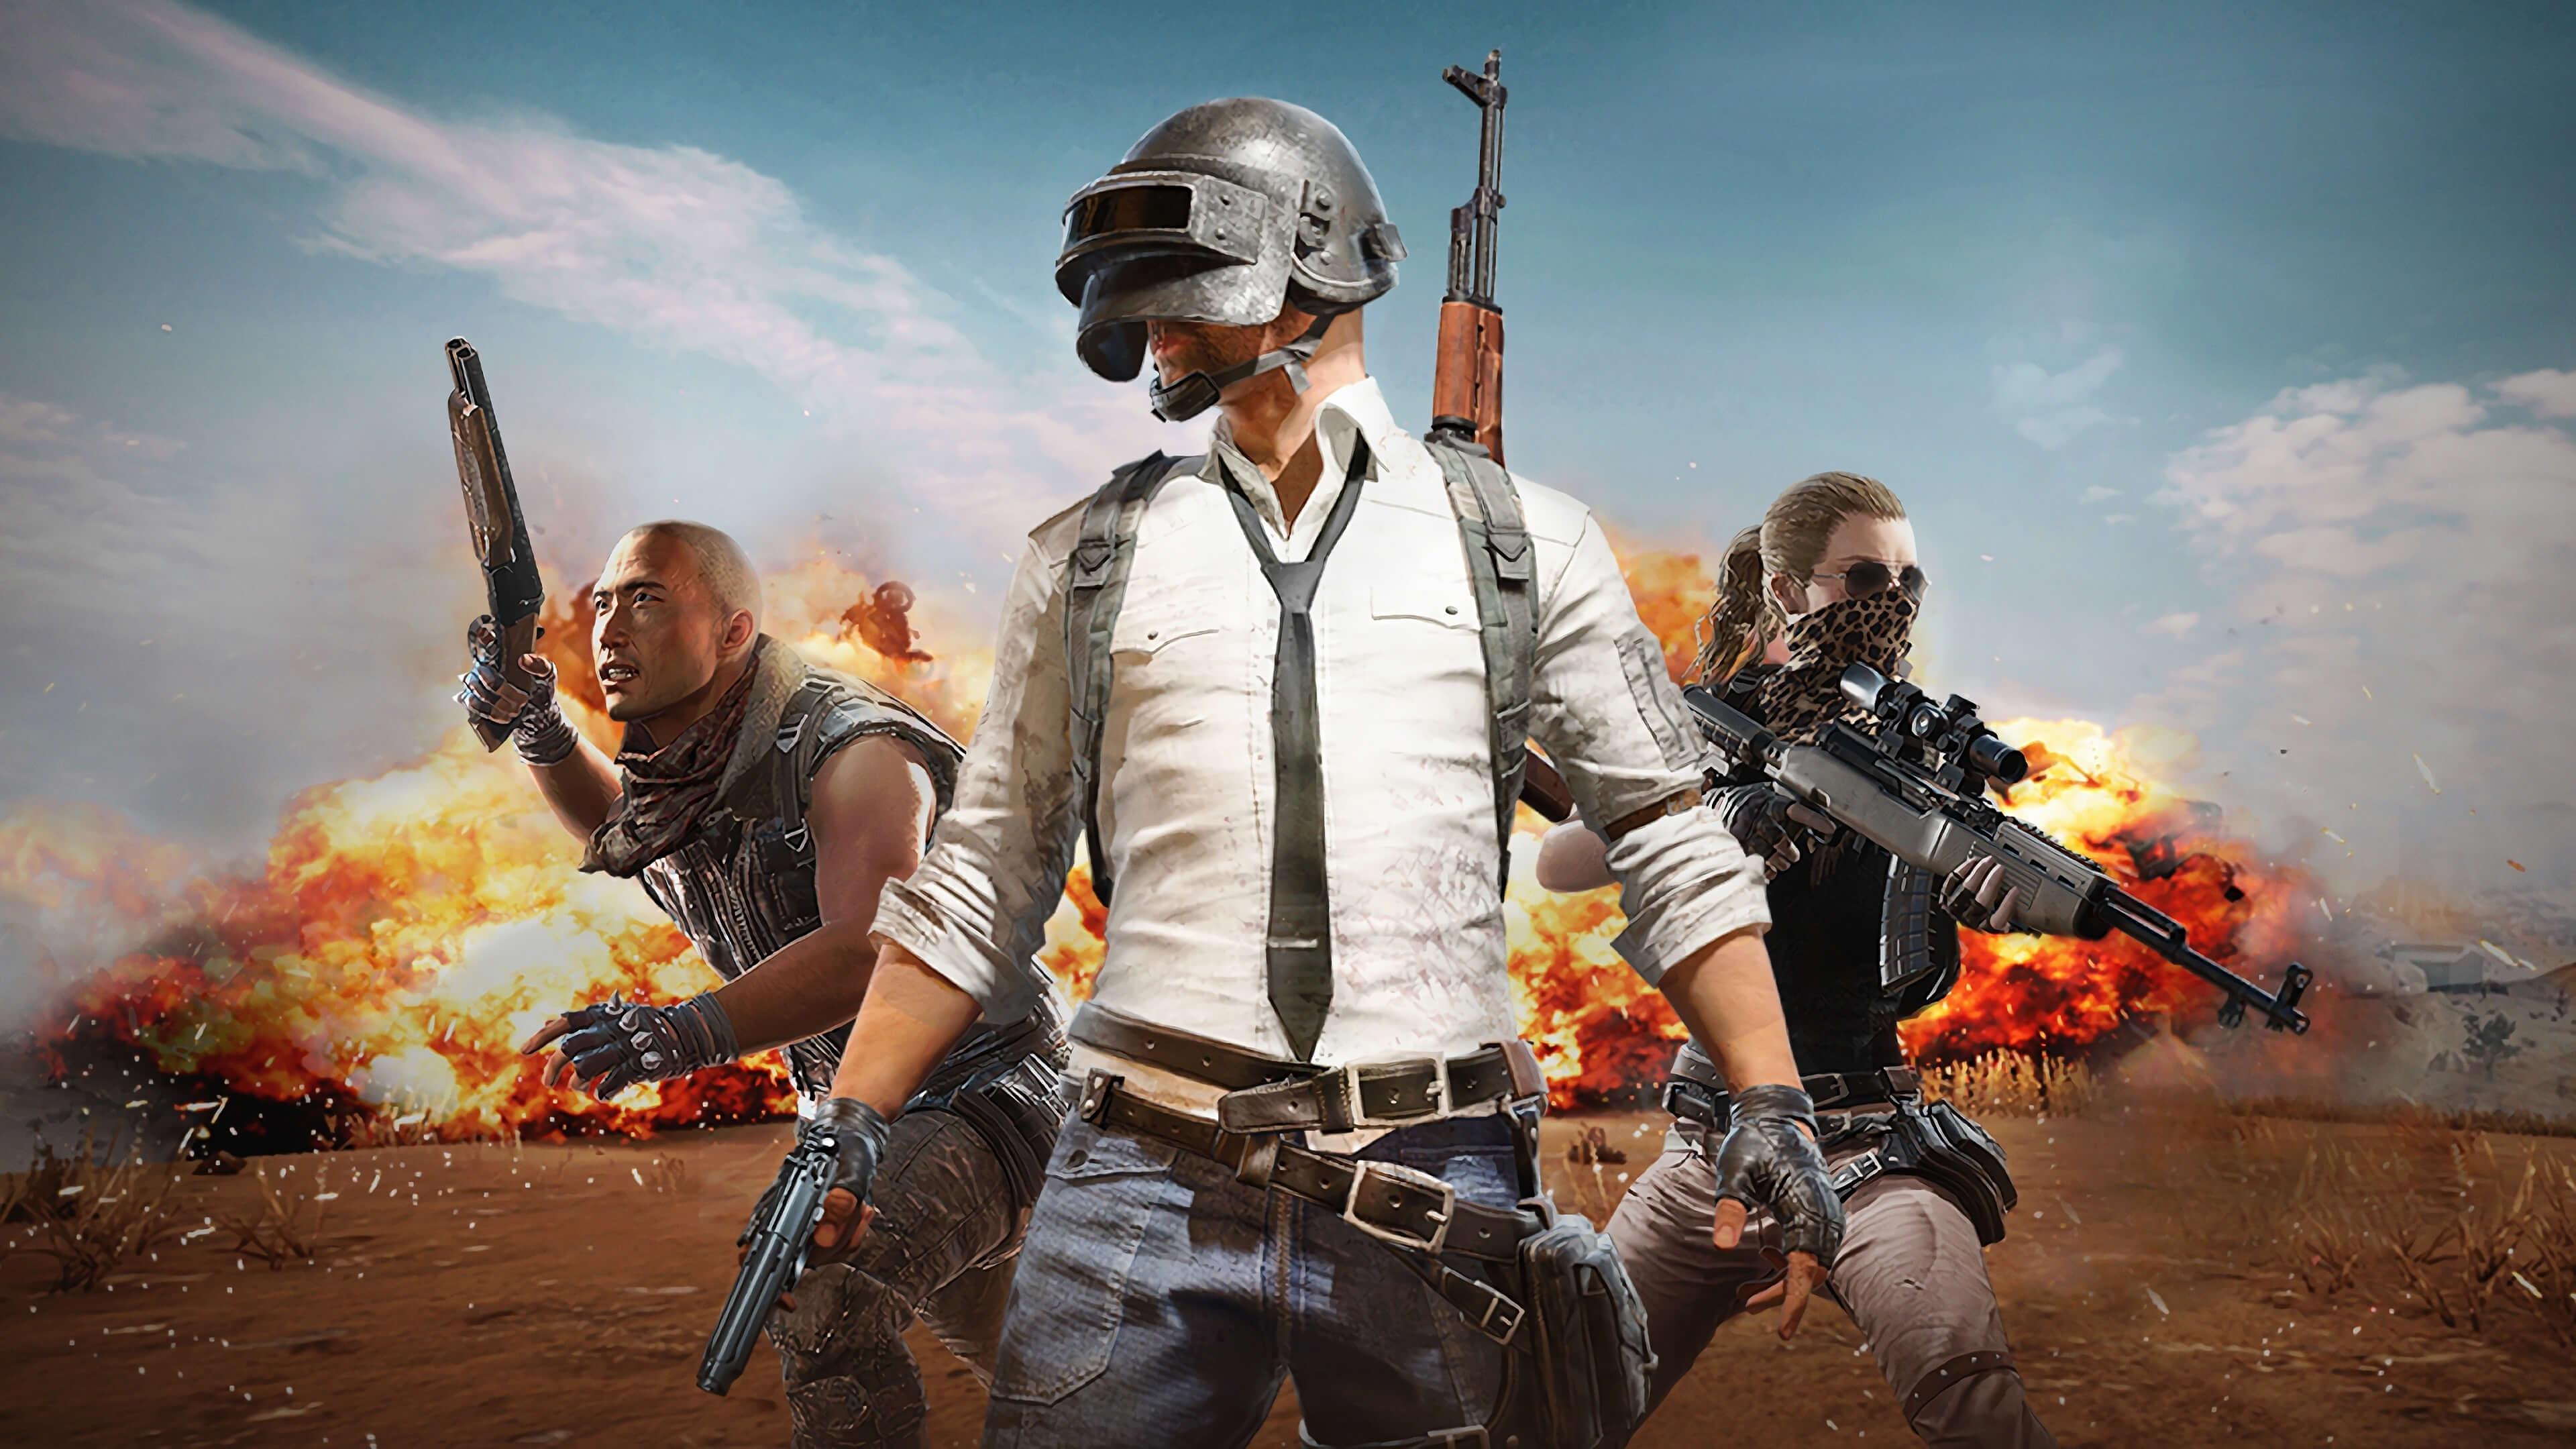 Обои PlayerUnknown's Battlegrounds трое после взрыва